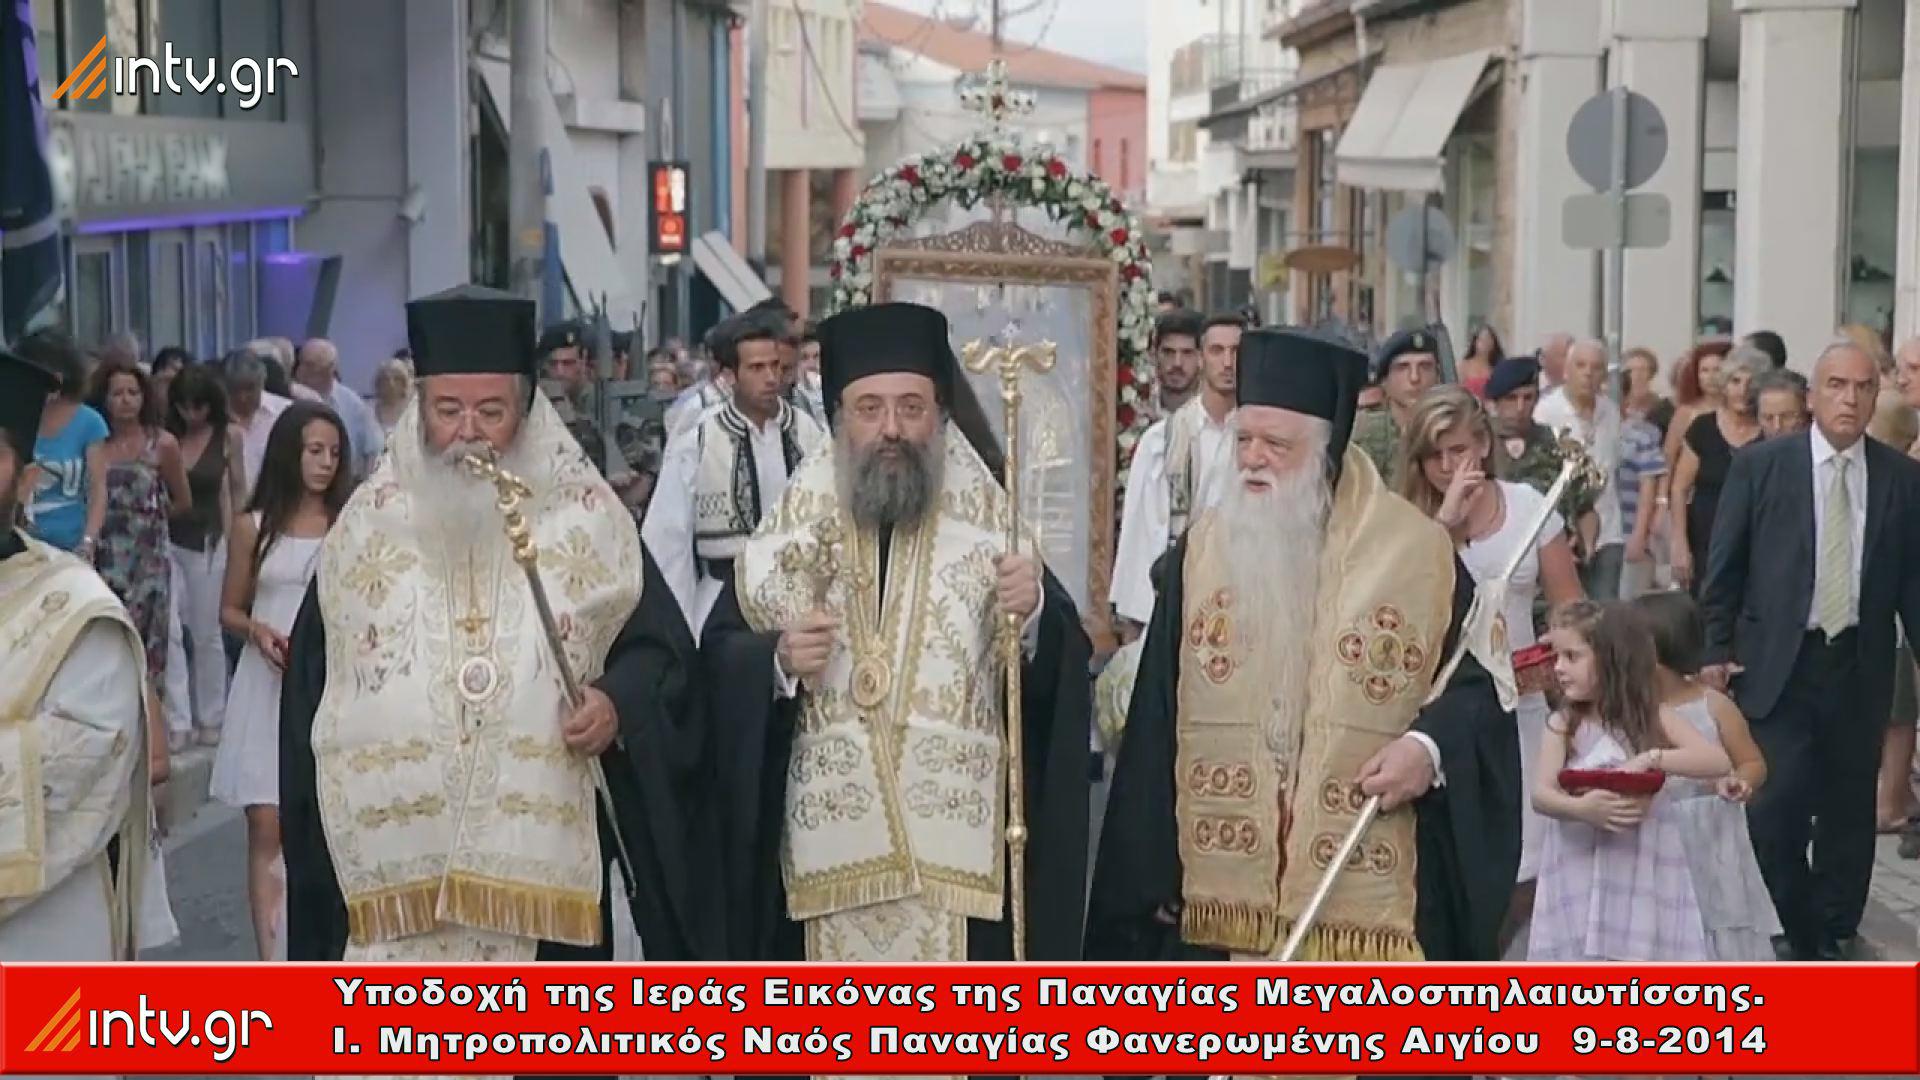 Υποδοχή της Ιεράς Εικόνας της Παναγίας Μεγαλοσπηλαιωτίσσης. - Ι. Μητροπολιτικός Ναός Παναγίας Φανερωμένης Αιγίου.